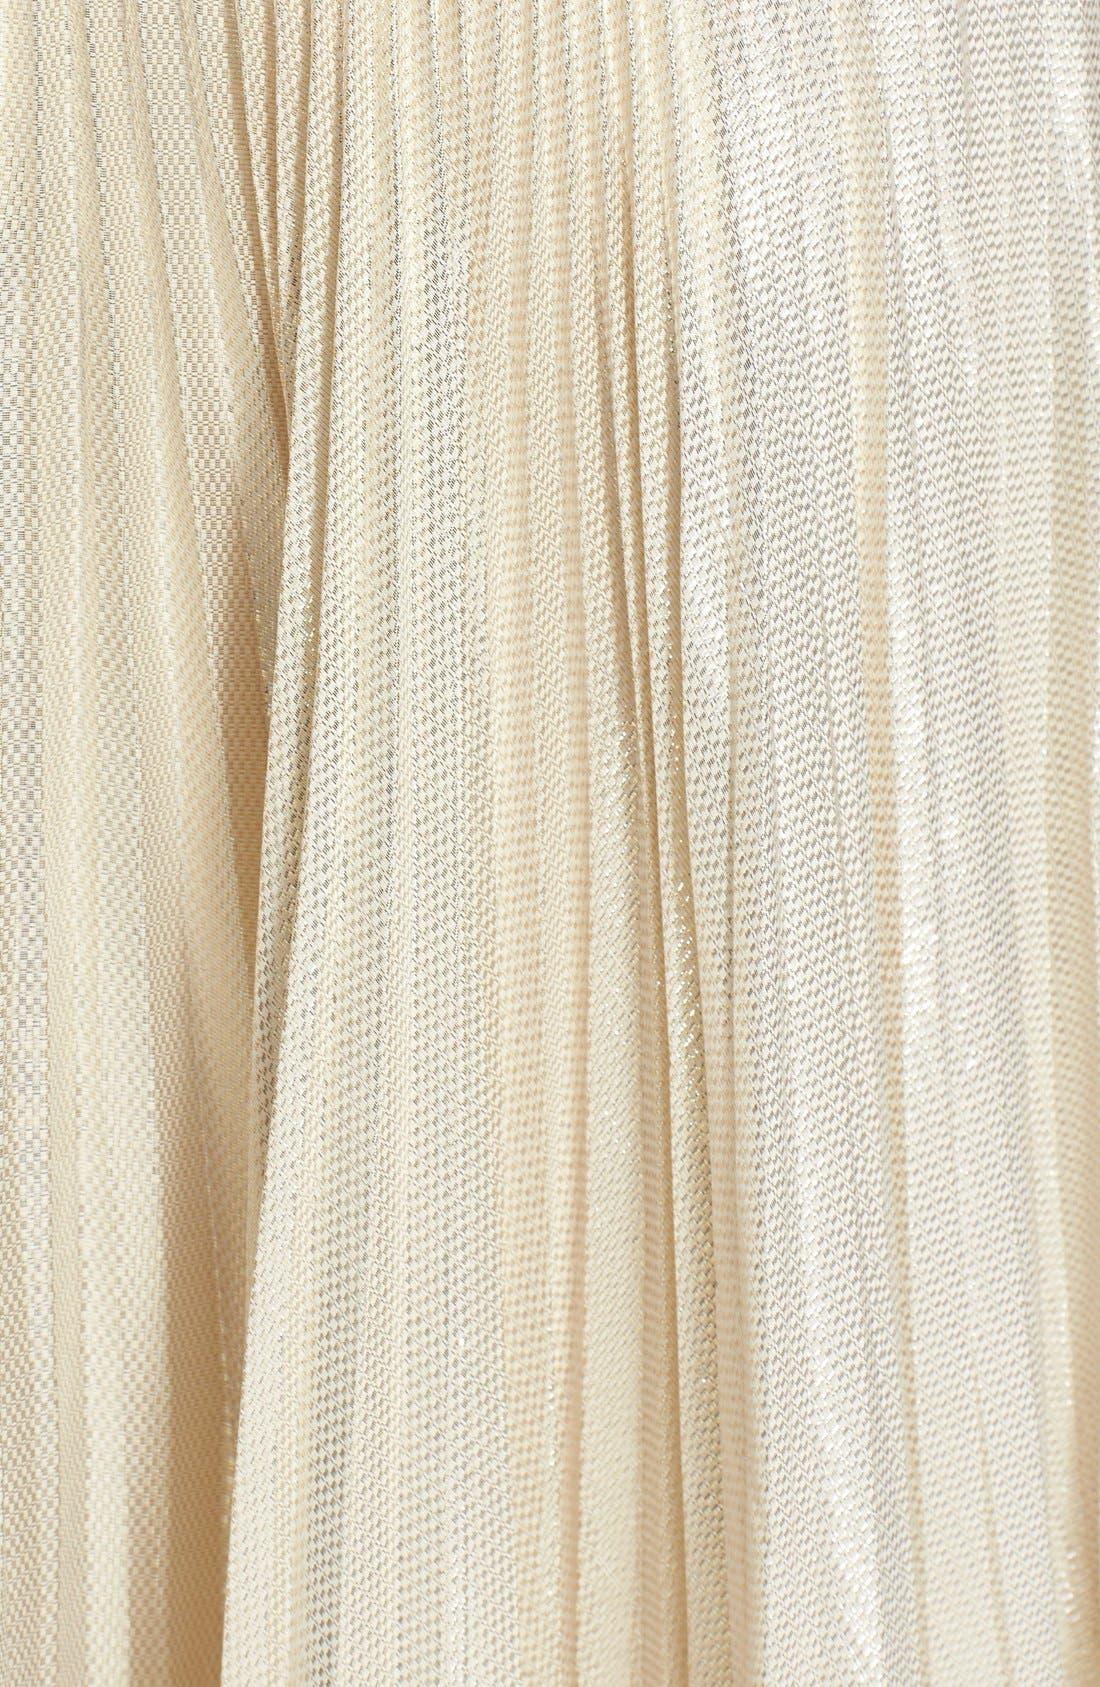 Alternate Image 3  - Jill Jill Stuart Metallic Silk Blend Midi Dress